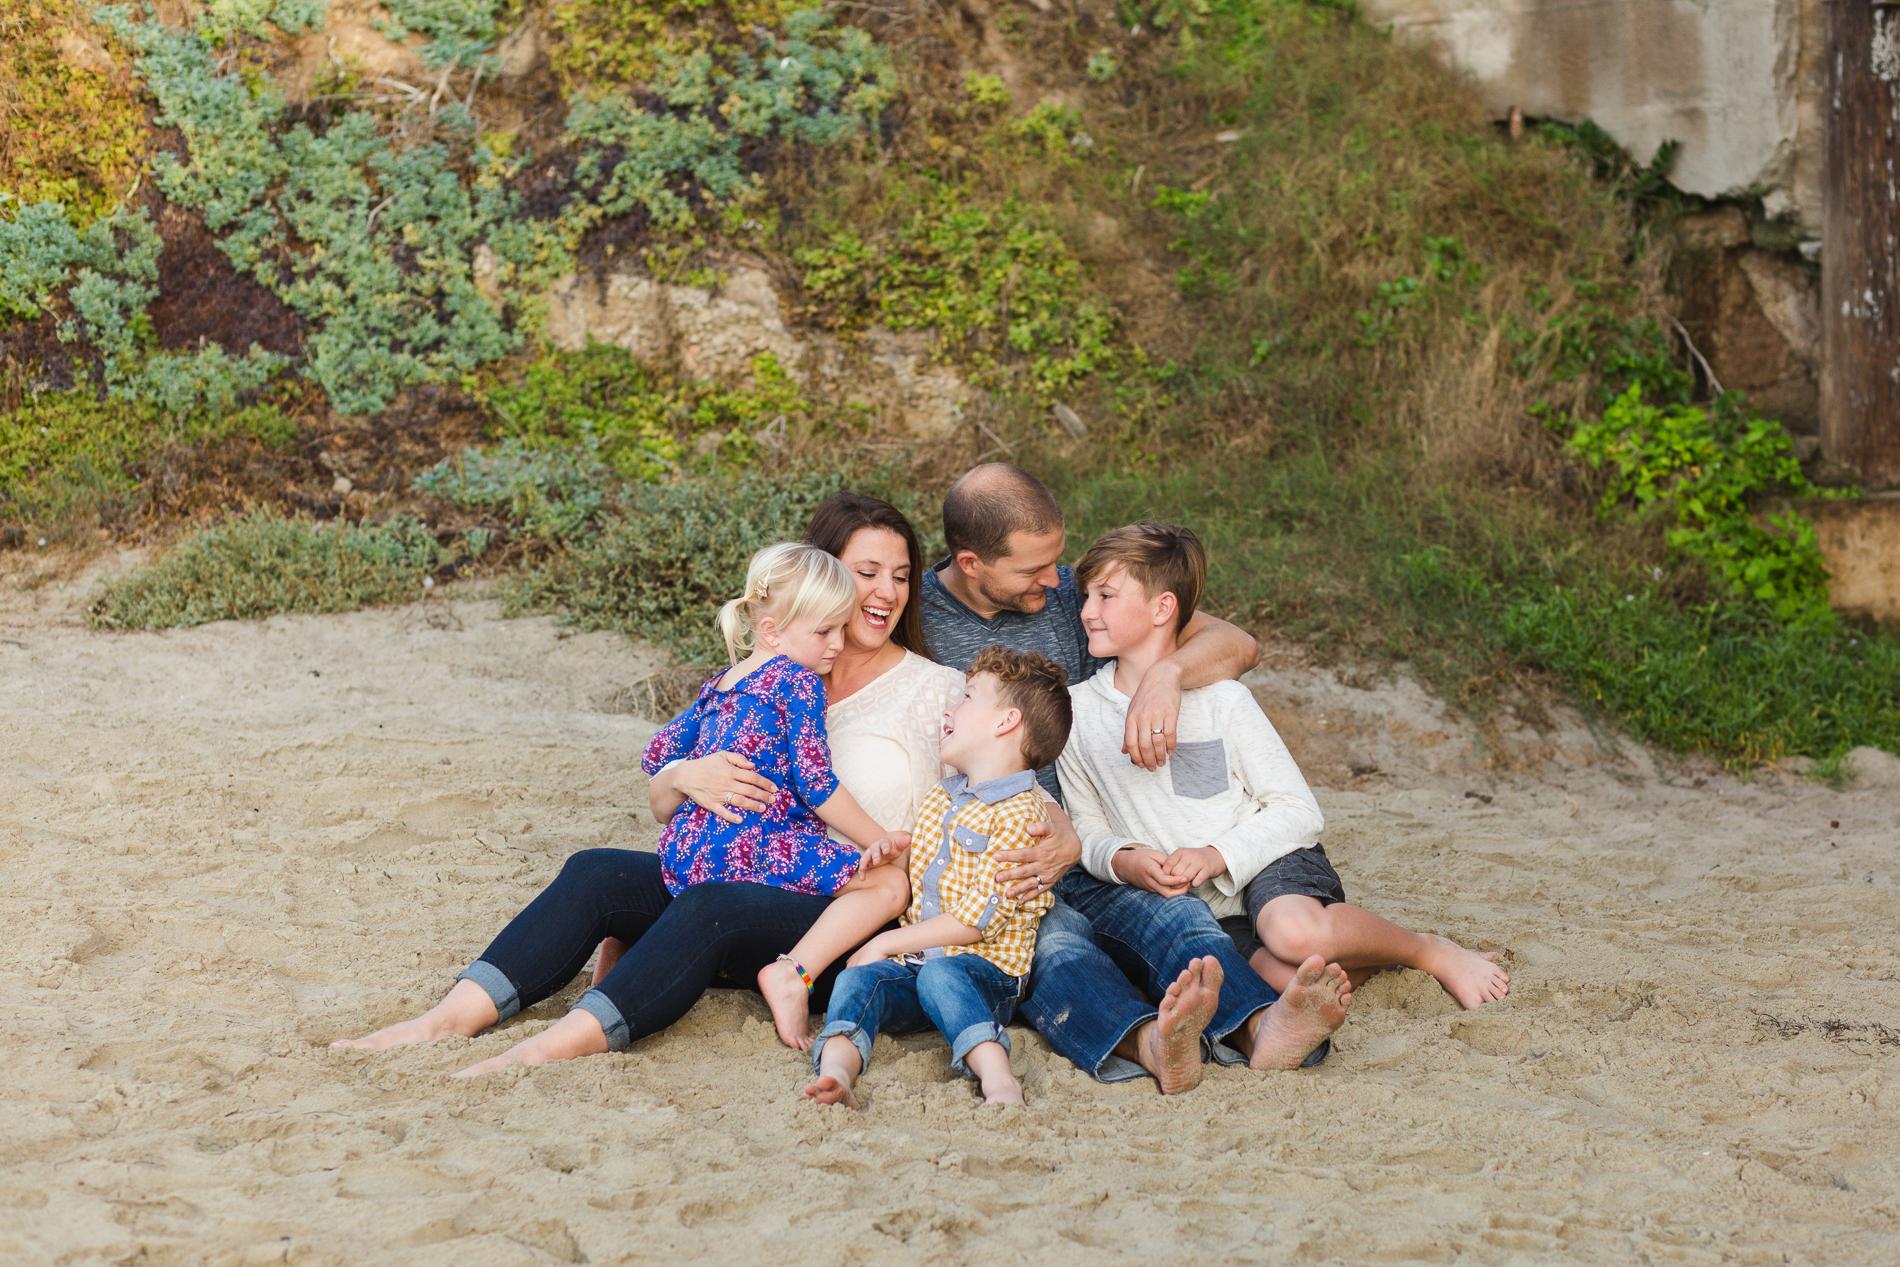 San Diego Family Photographer Beach Crystal Pier Christine Dammann Photography WS HF-1.jpg